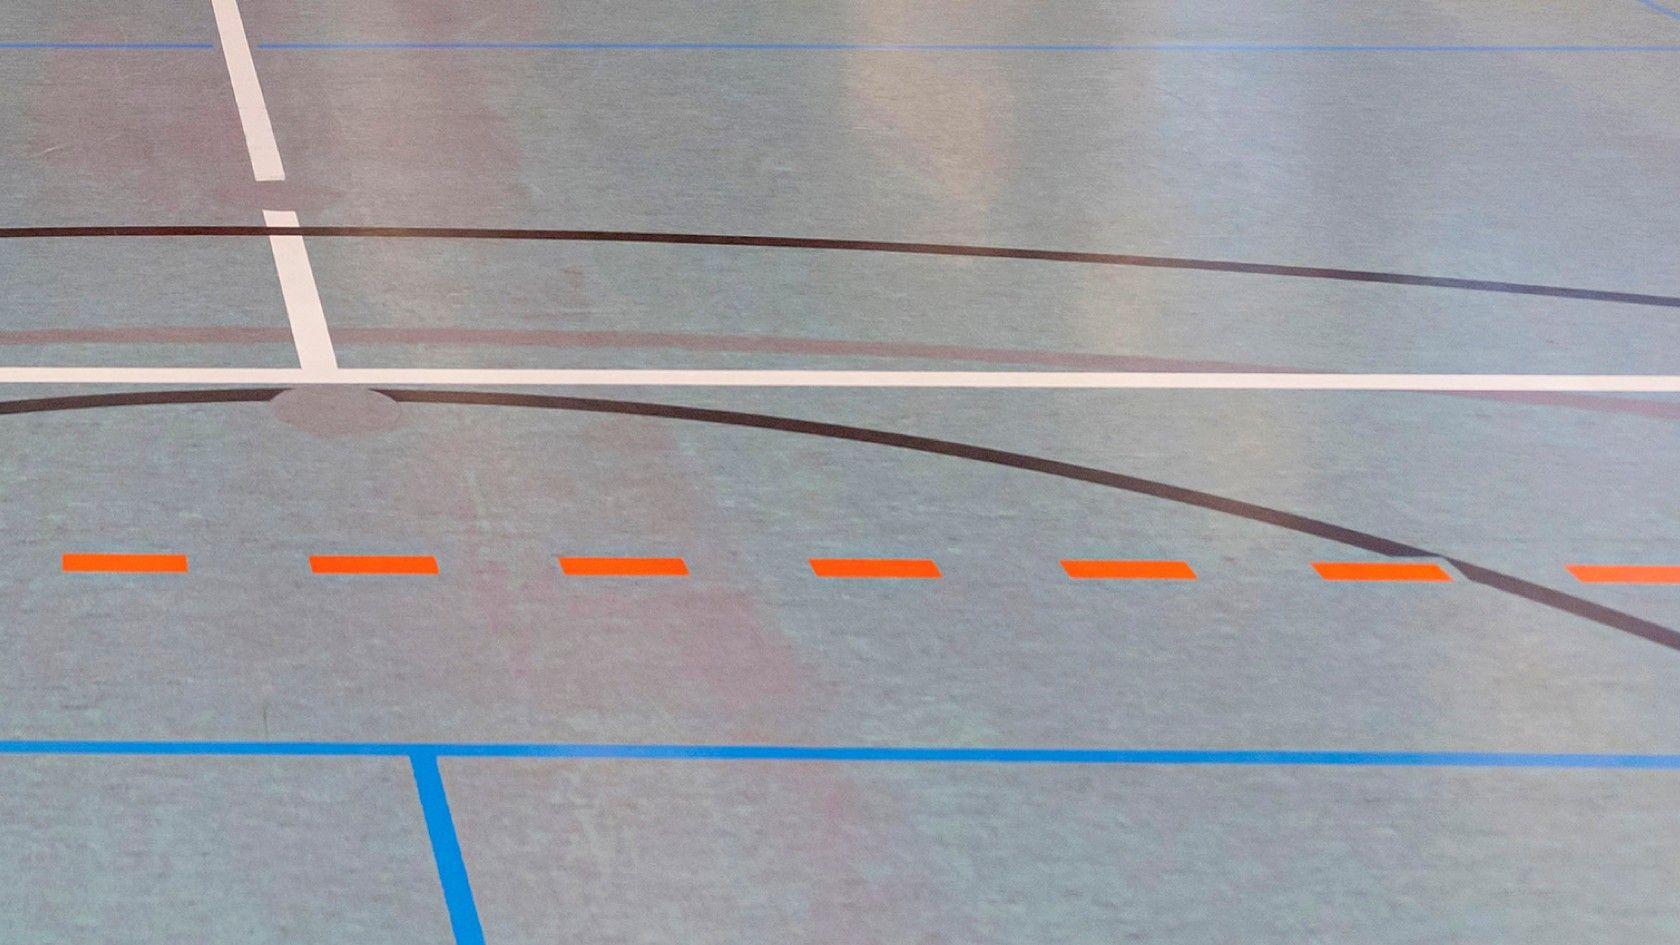 Flexibel Handball ermöglichen